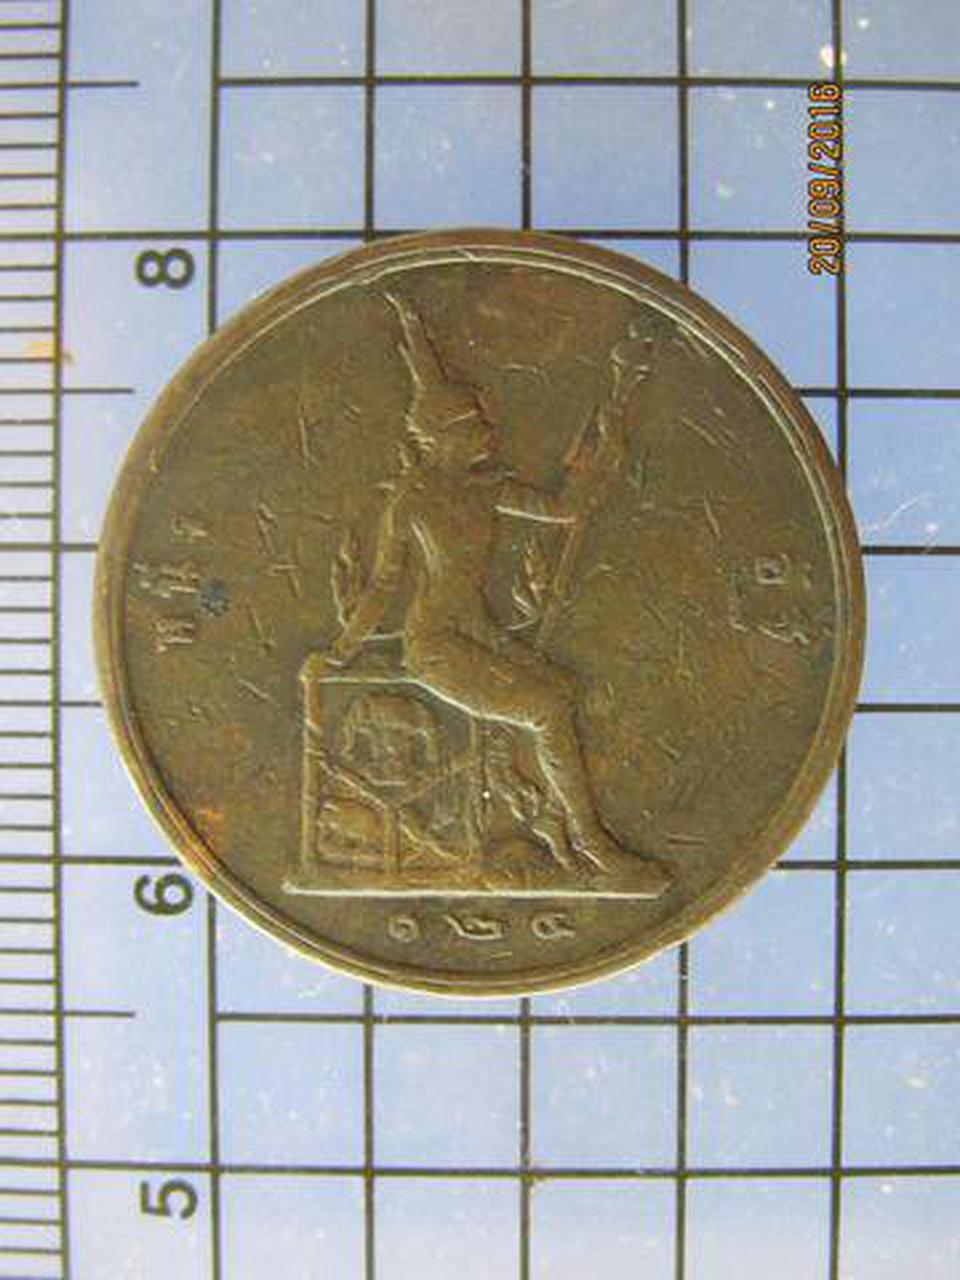 3890 เหรียญ ร.5 ทองแดง หนึ่งอัฐ รศ.124 หลังพระสยามเทวาธิราช  รูปที่ 1